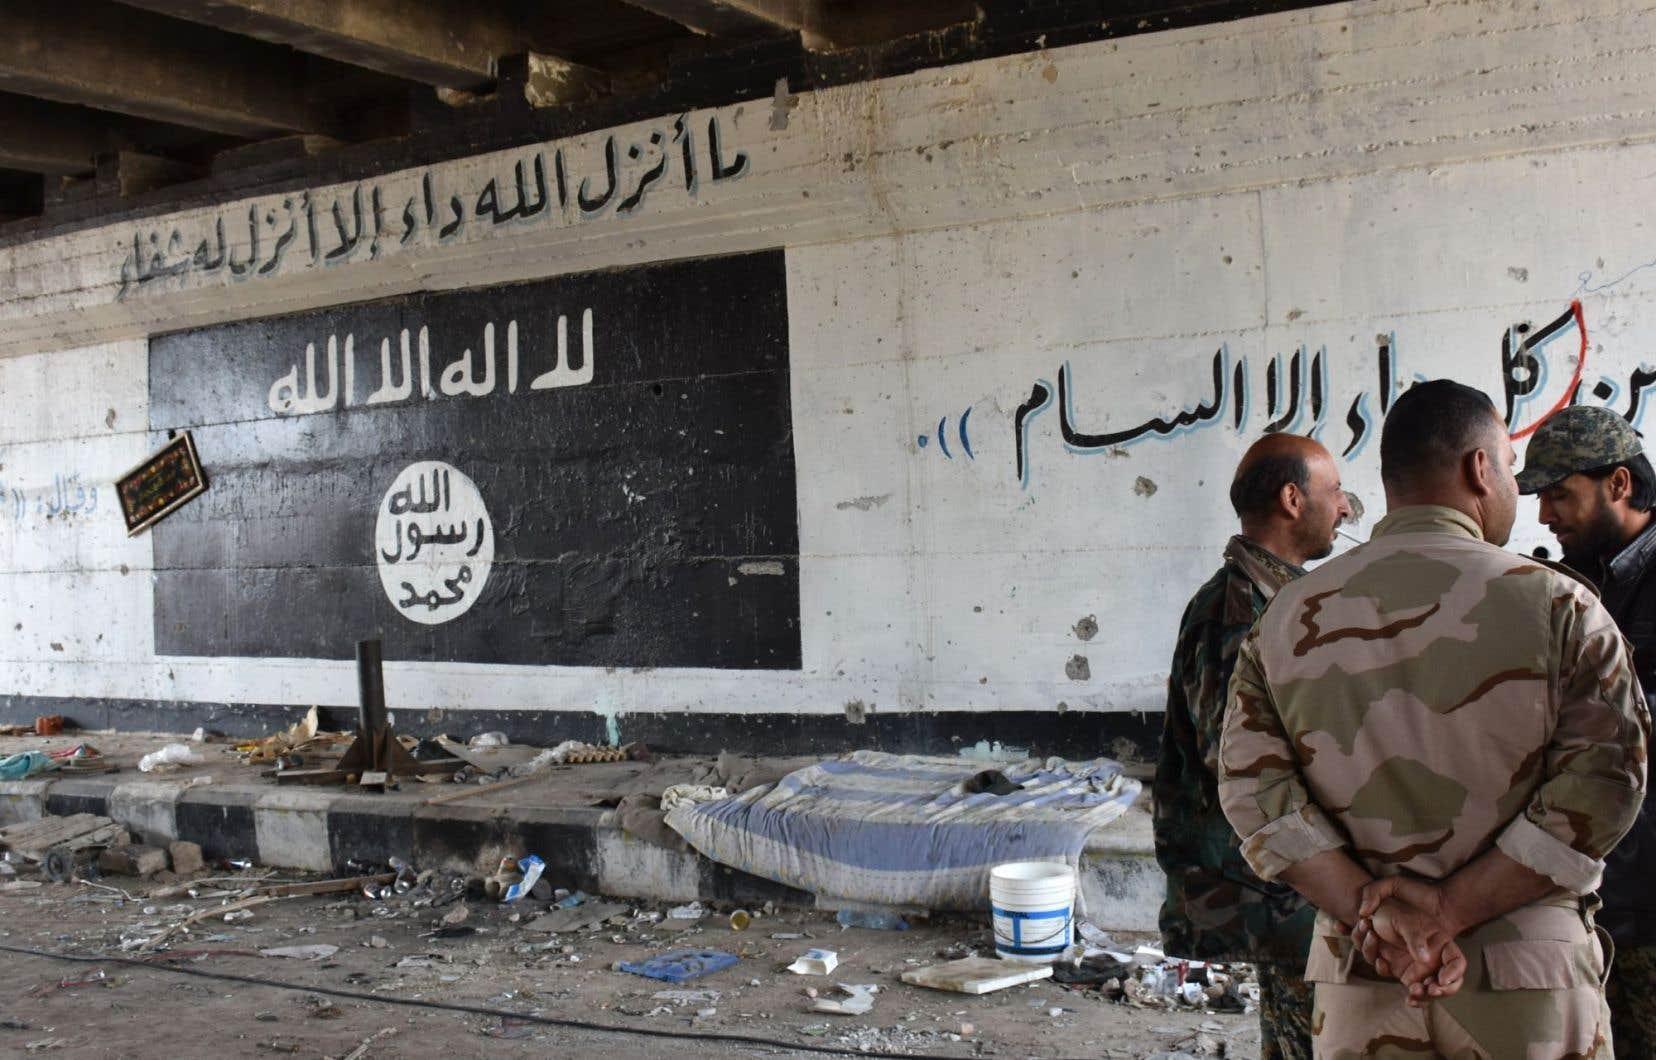 Le groupe armé État islamique «s'est complètement retiré de la province d'Alep», en Syrie, selonl'Observatoire syrien des droits de l'homme.